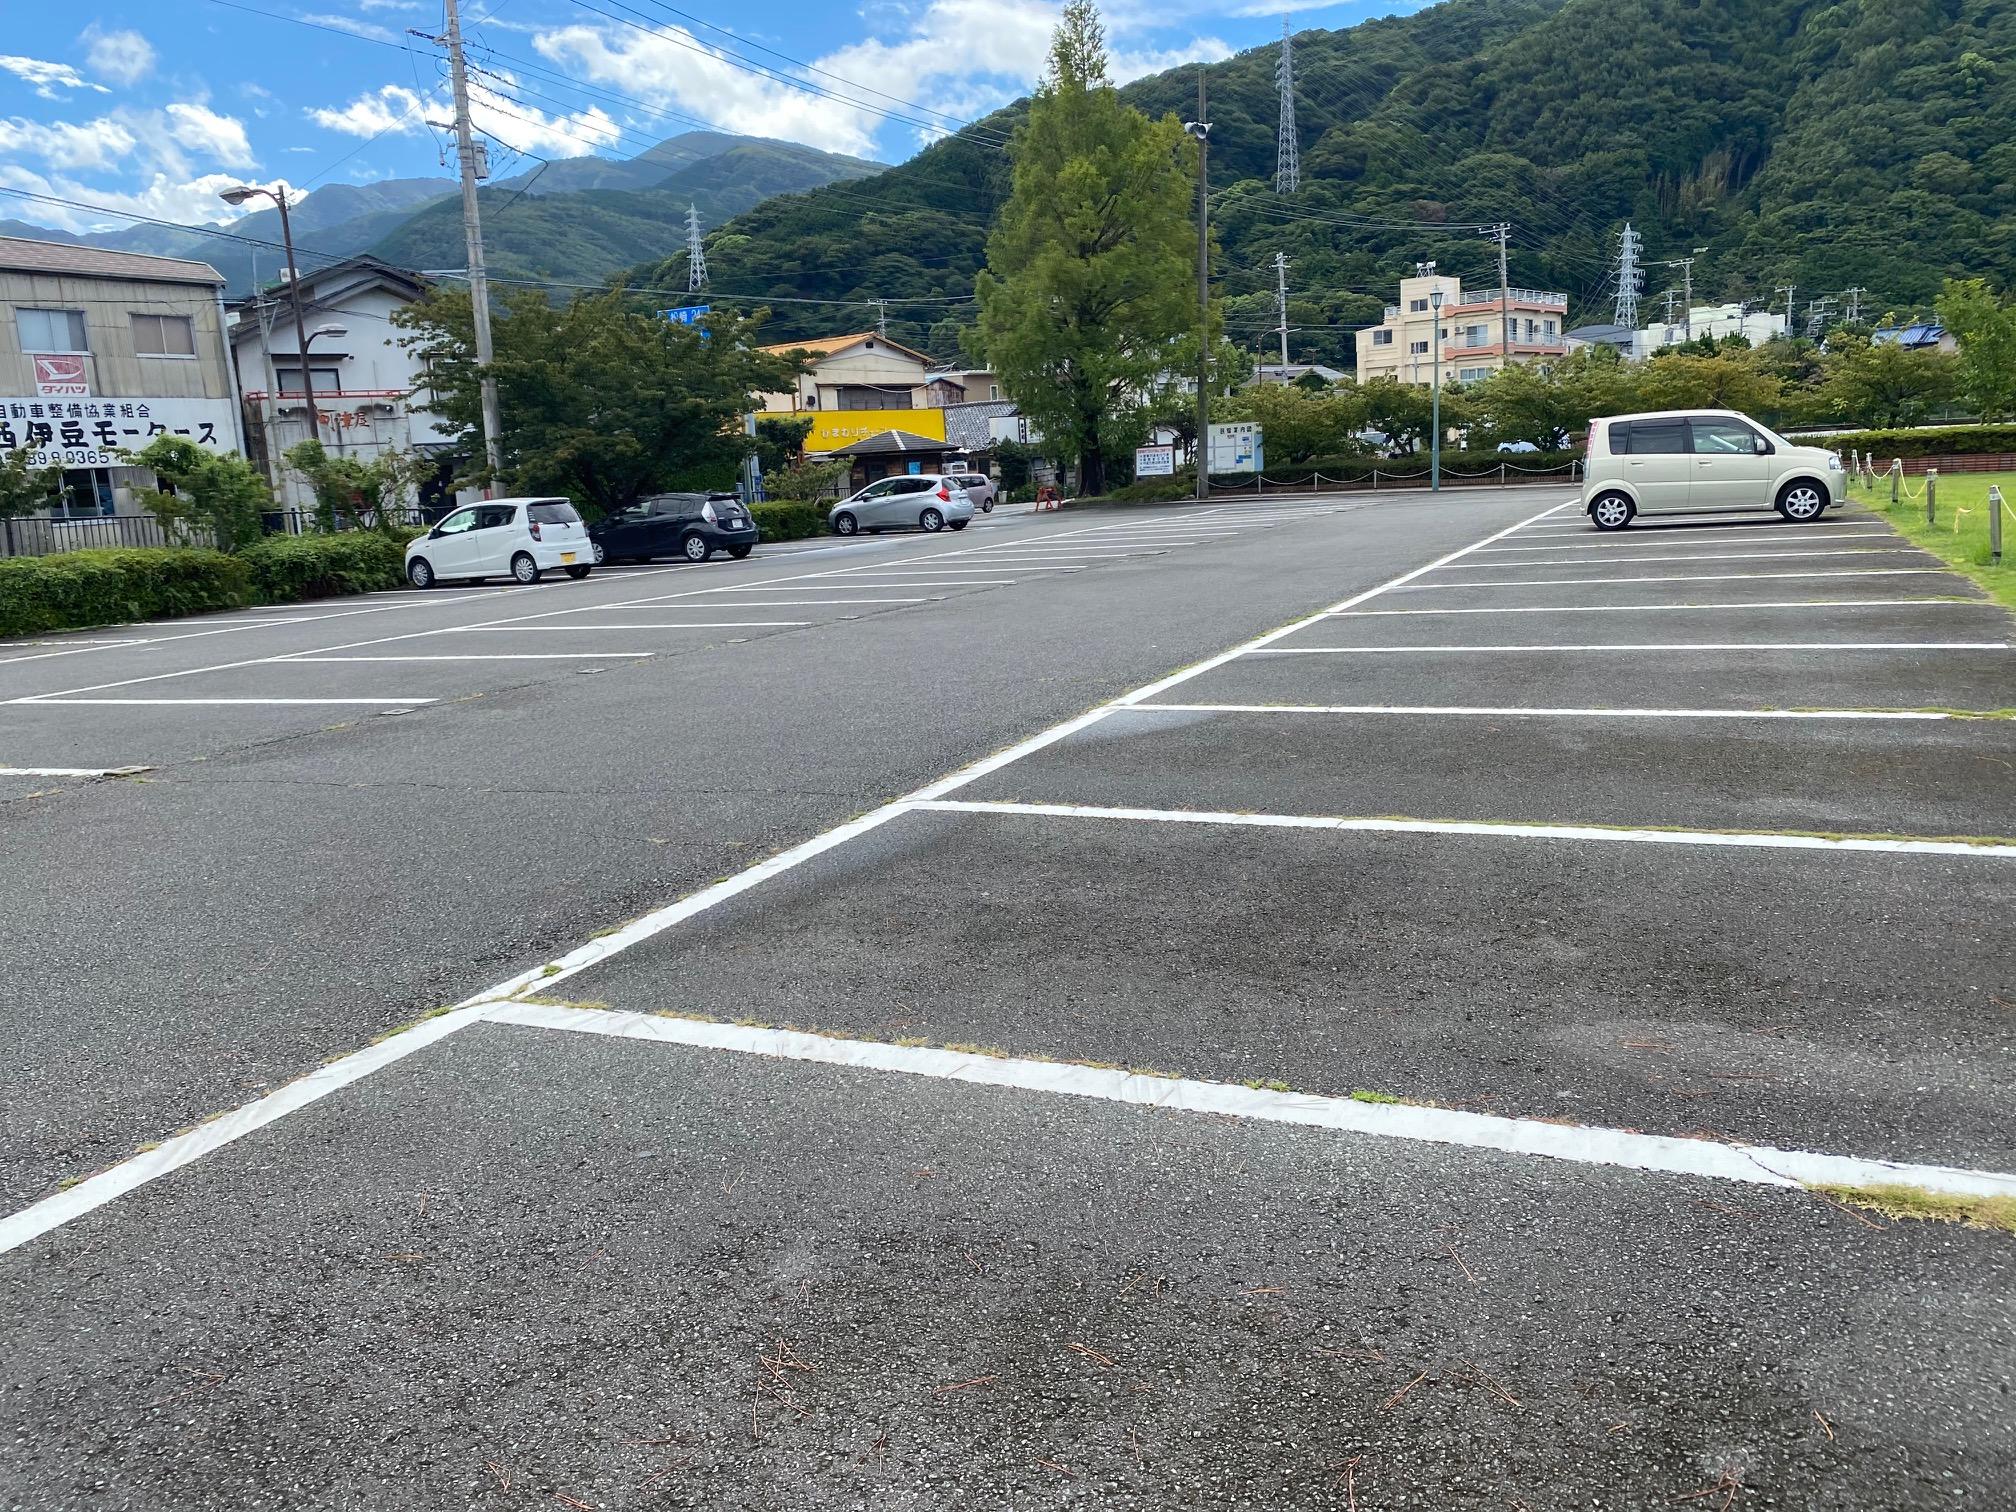 土肥温泉メッキ釣りの駐車場